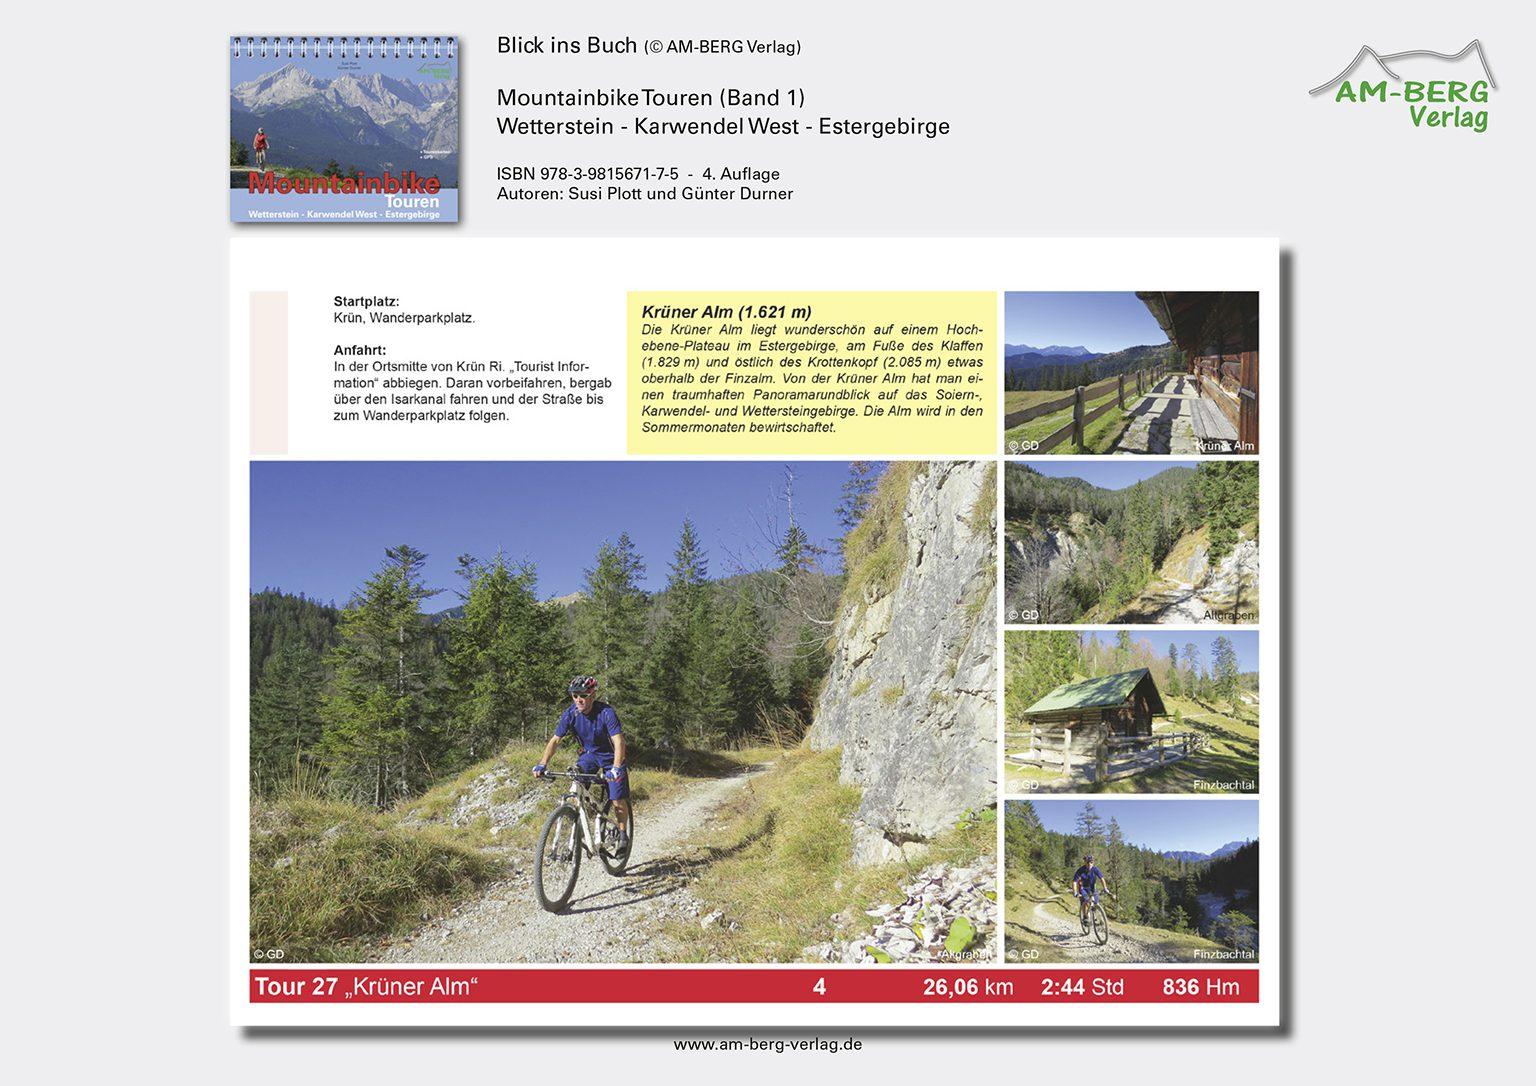 Mountainbike Touren Wetterstein-Karwendel-West-Estergebirge_band1_BlickinsBuch11_Krüner Alm